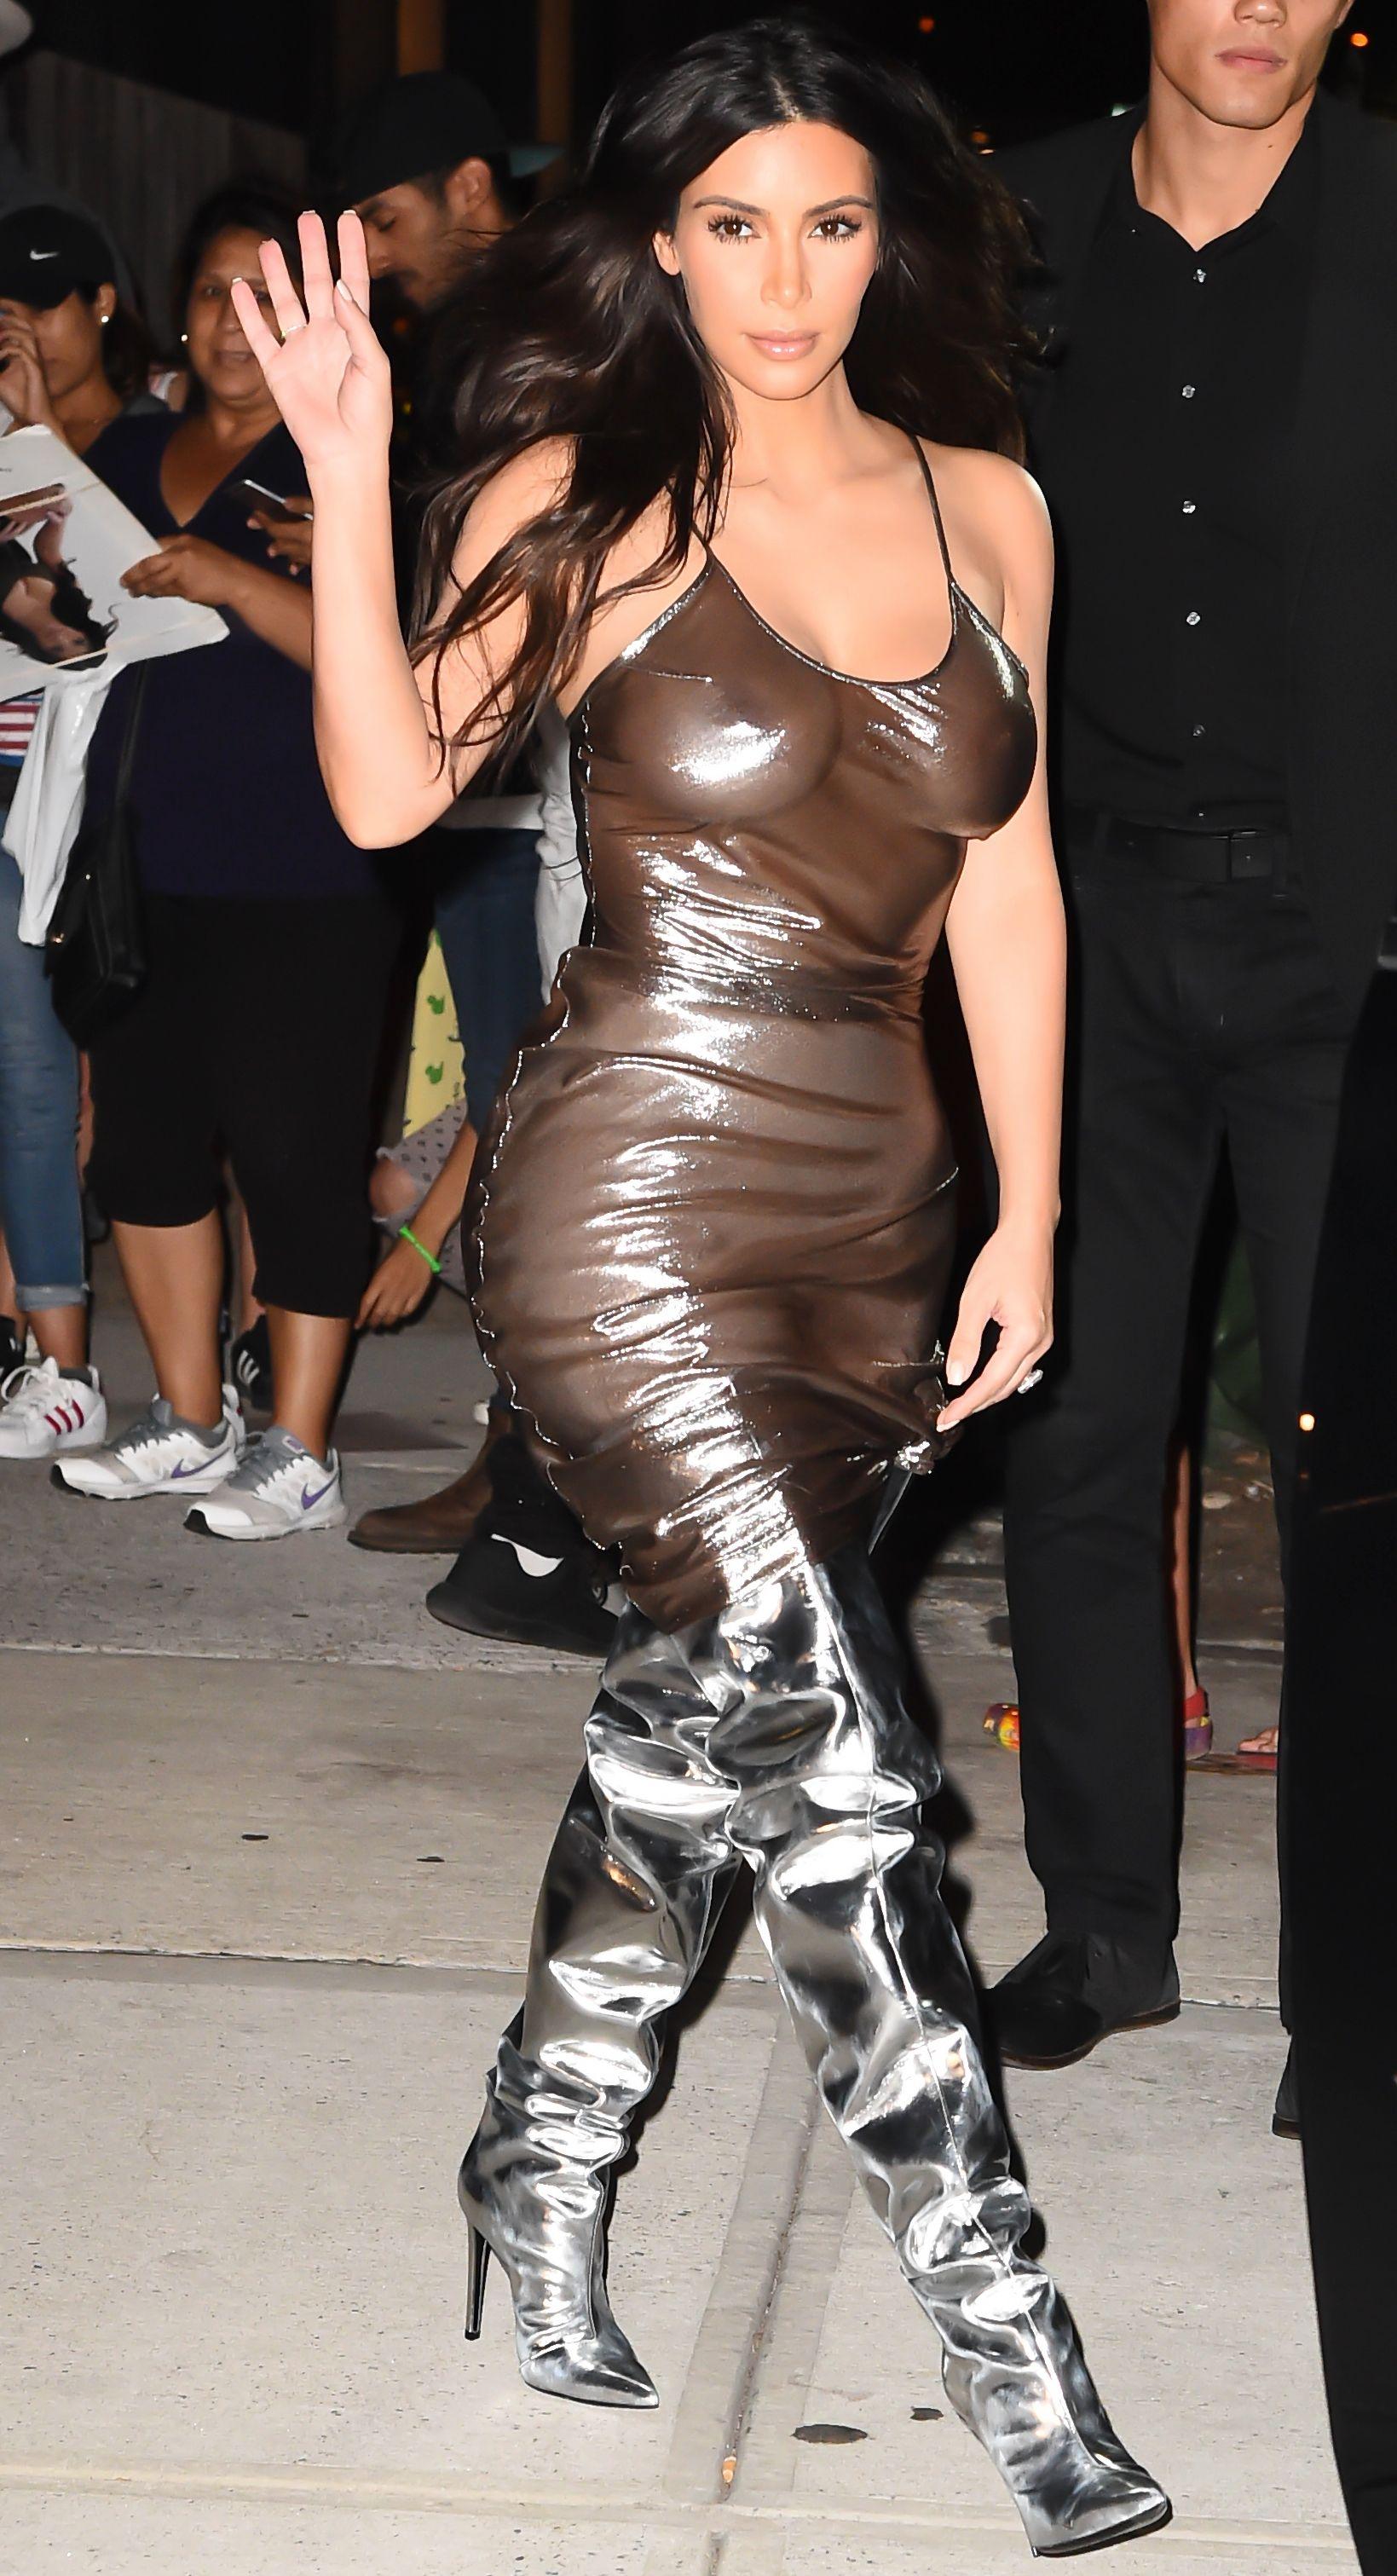 Miley cyrus naked pics-8518